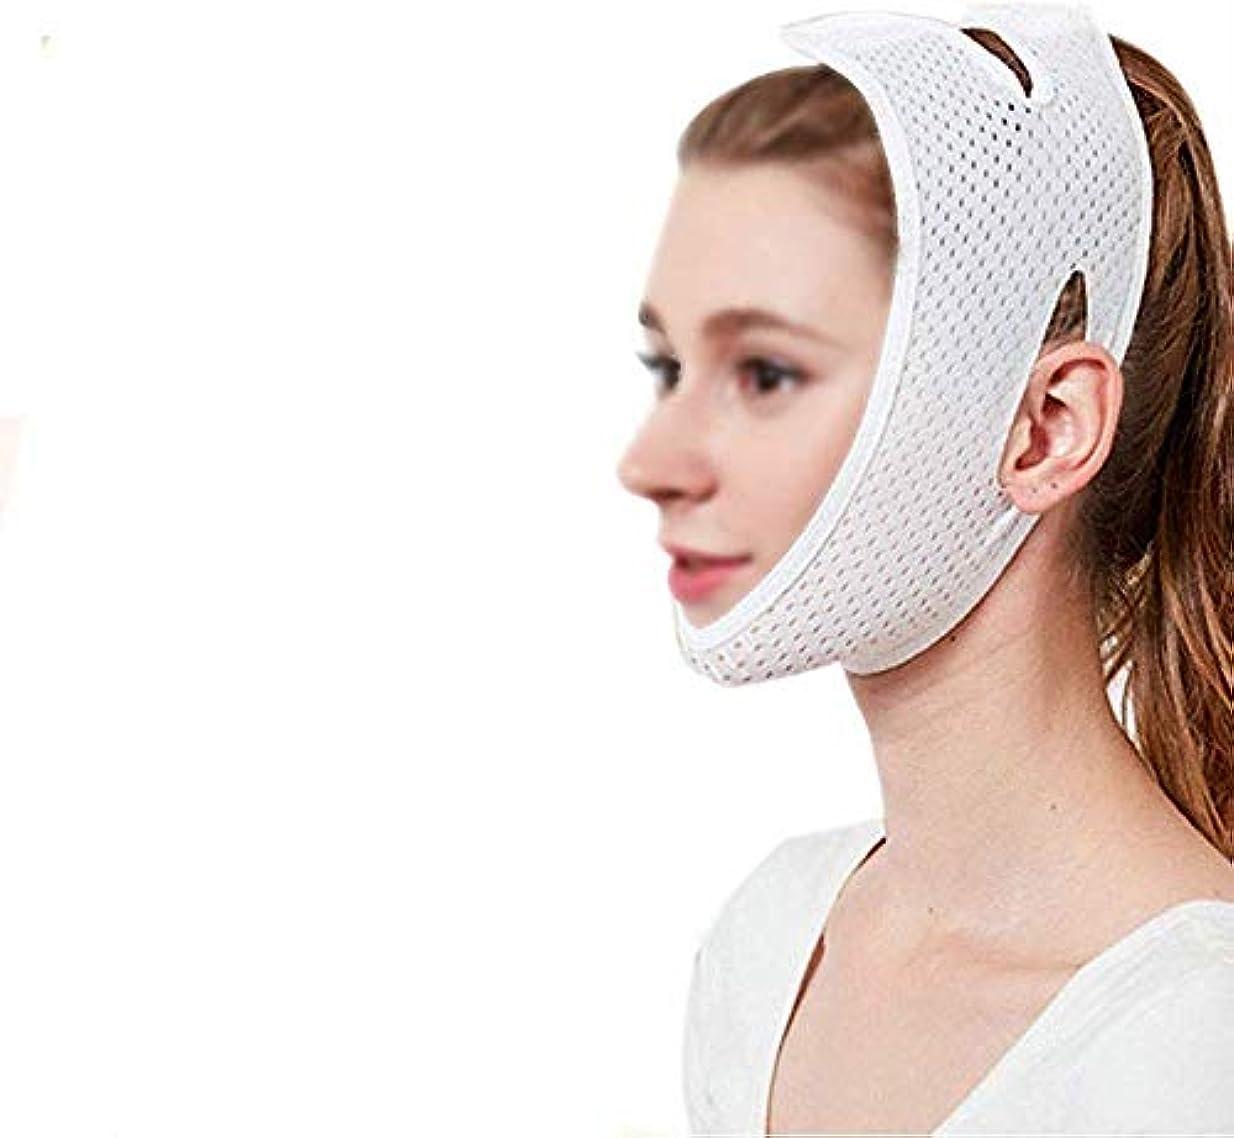 批判する厚さこれら美容と実用的な薄型フェイスベルト、Vフェイスバンデージからダブルチンデクリーマスクリフティングファーミングスリープマスク(色:白)